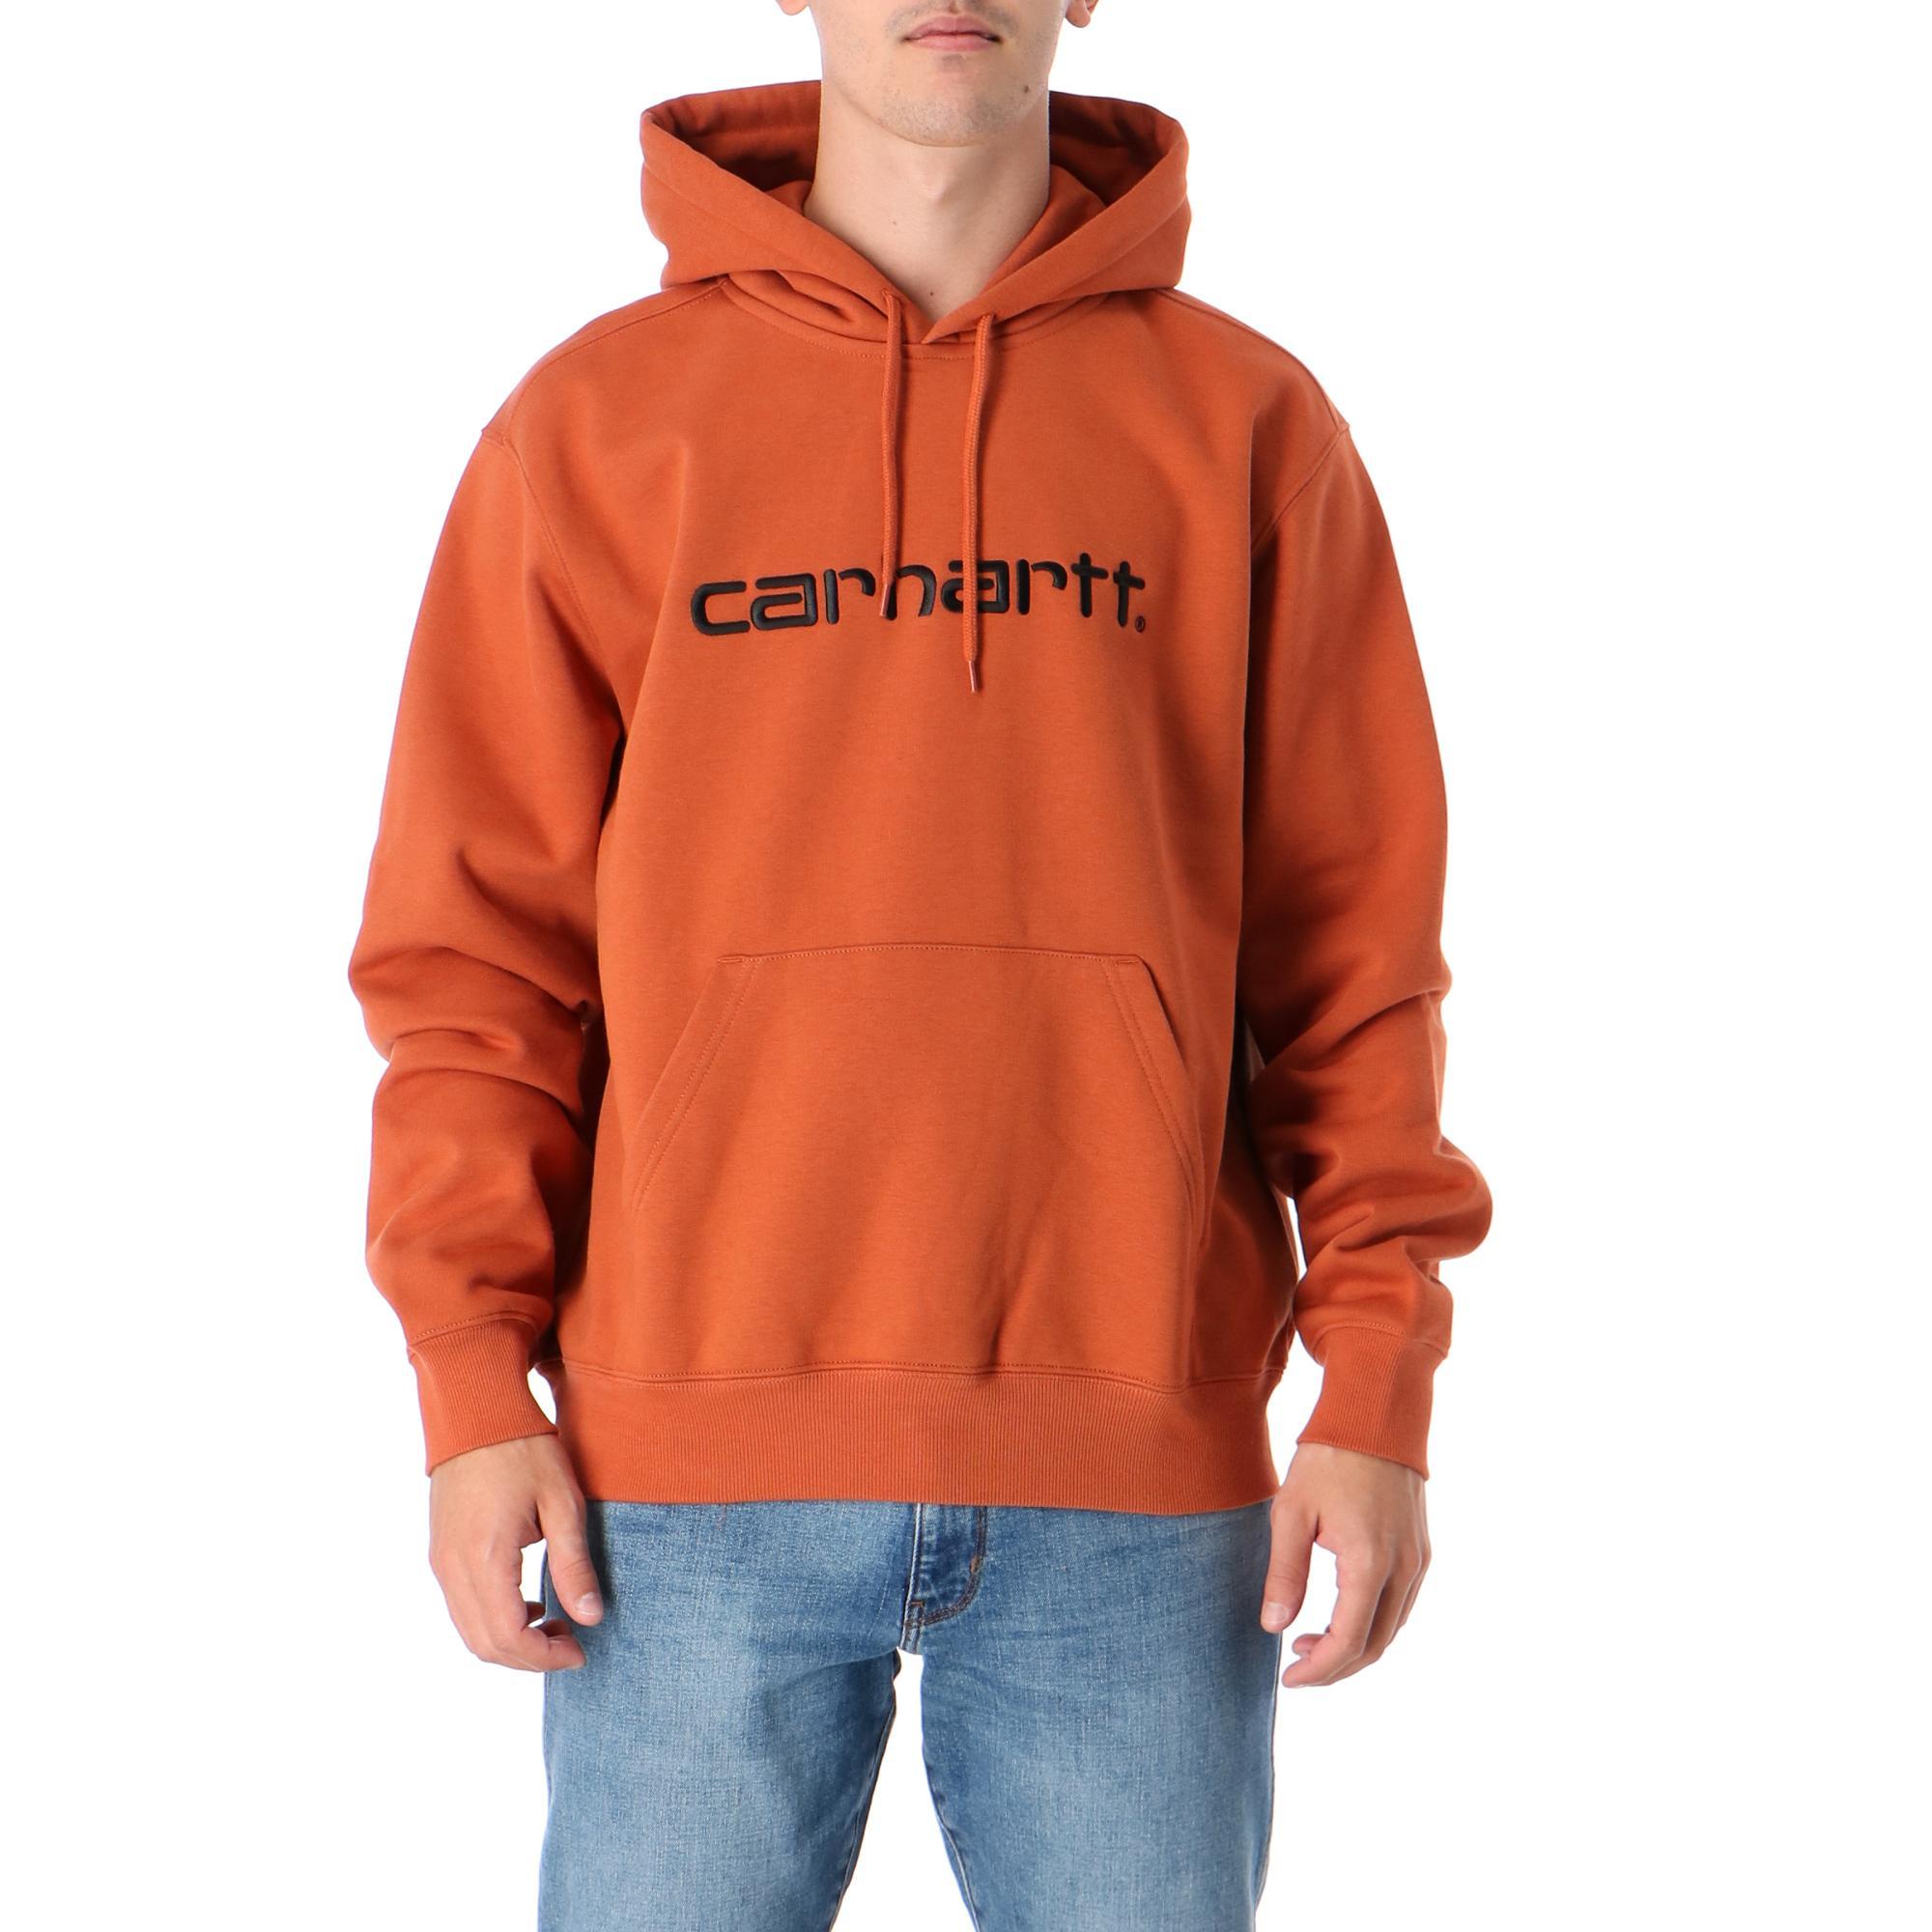 Carhartt Hooded Carhartt Sweatshirt Cinnamon black